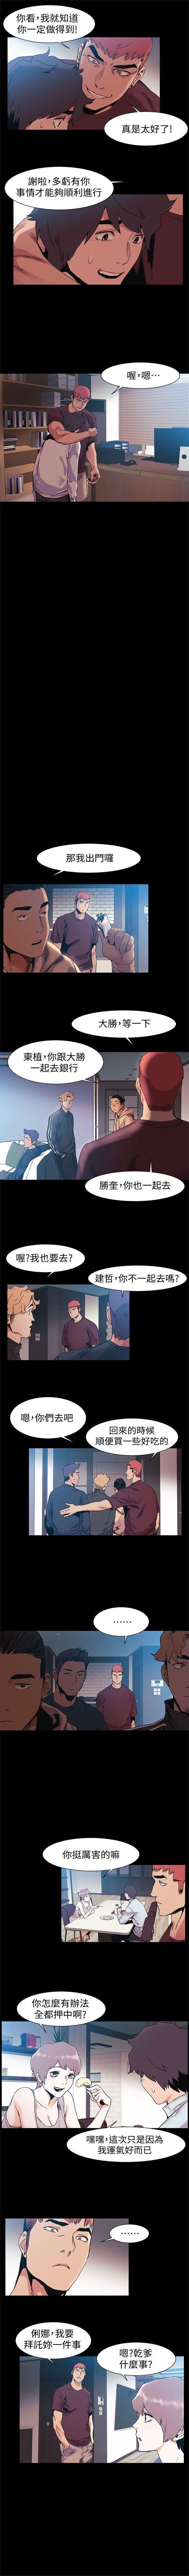 (週5)衝突 1-94 中文翻譯 (更新中) 169